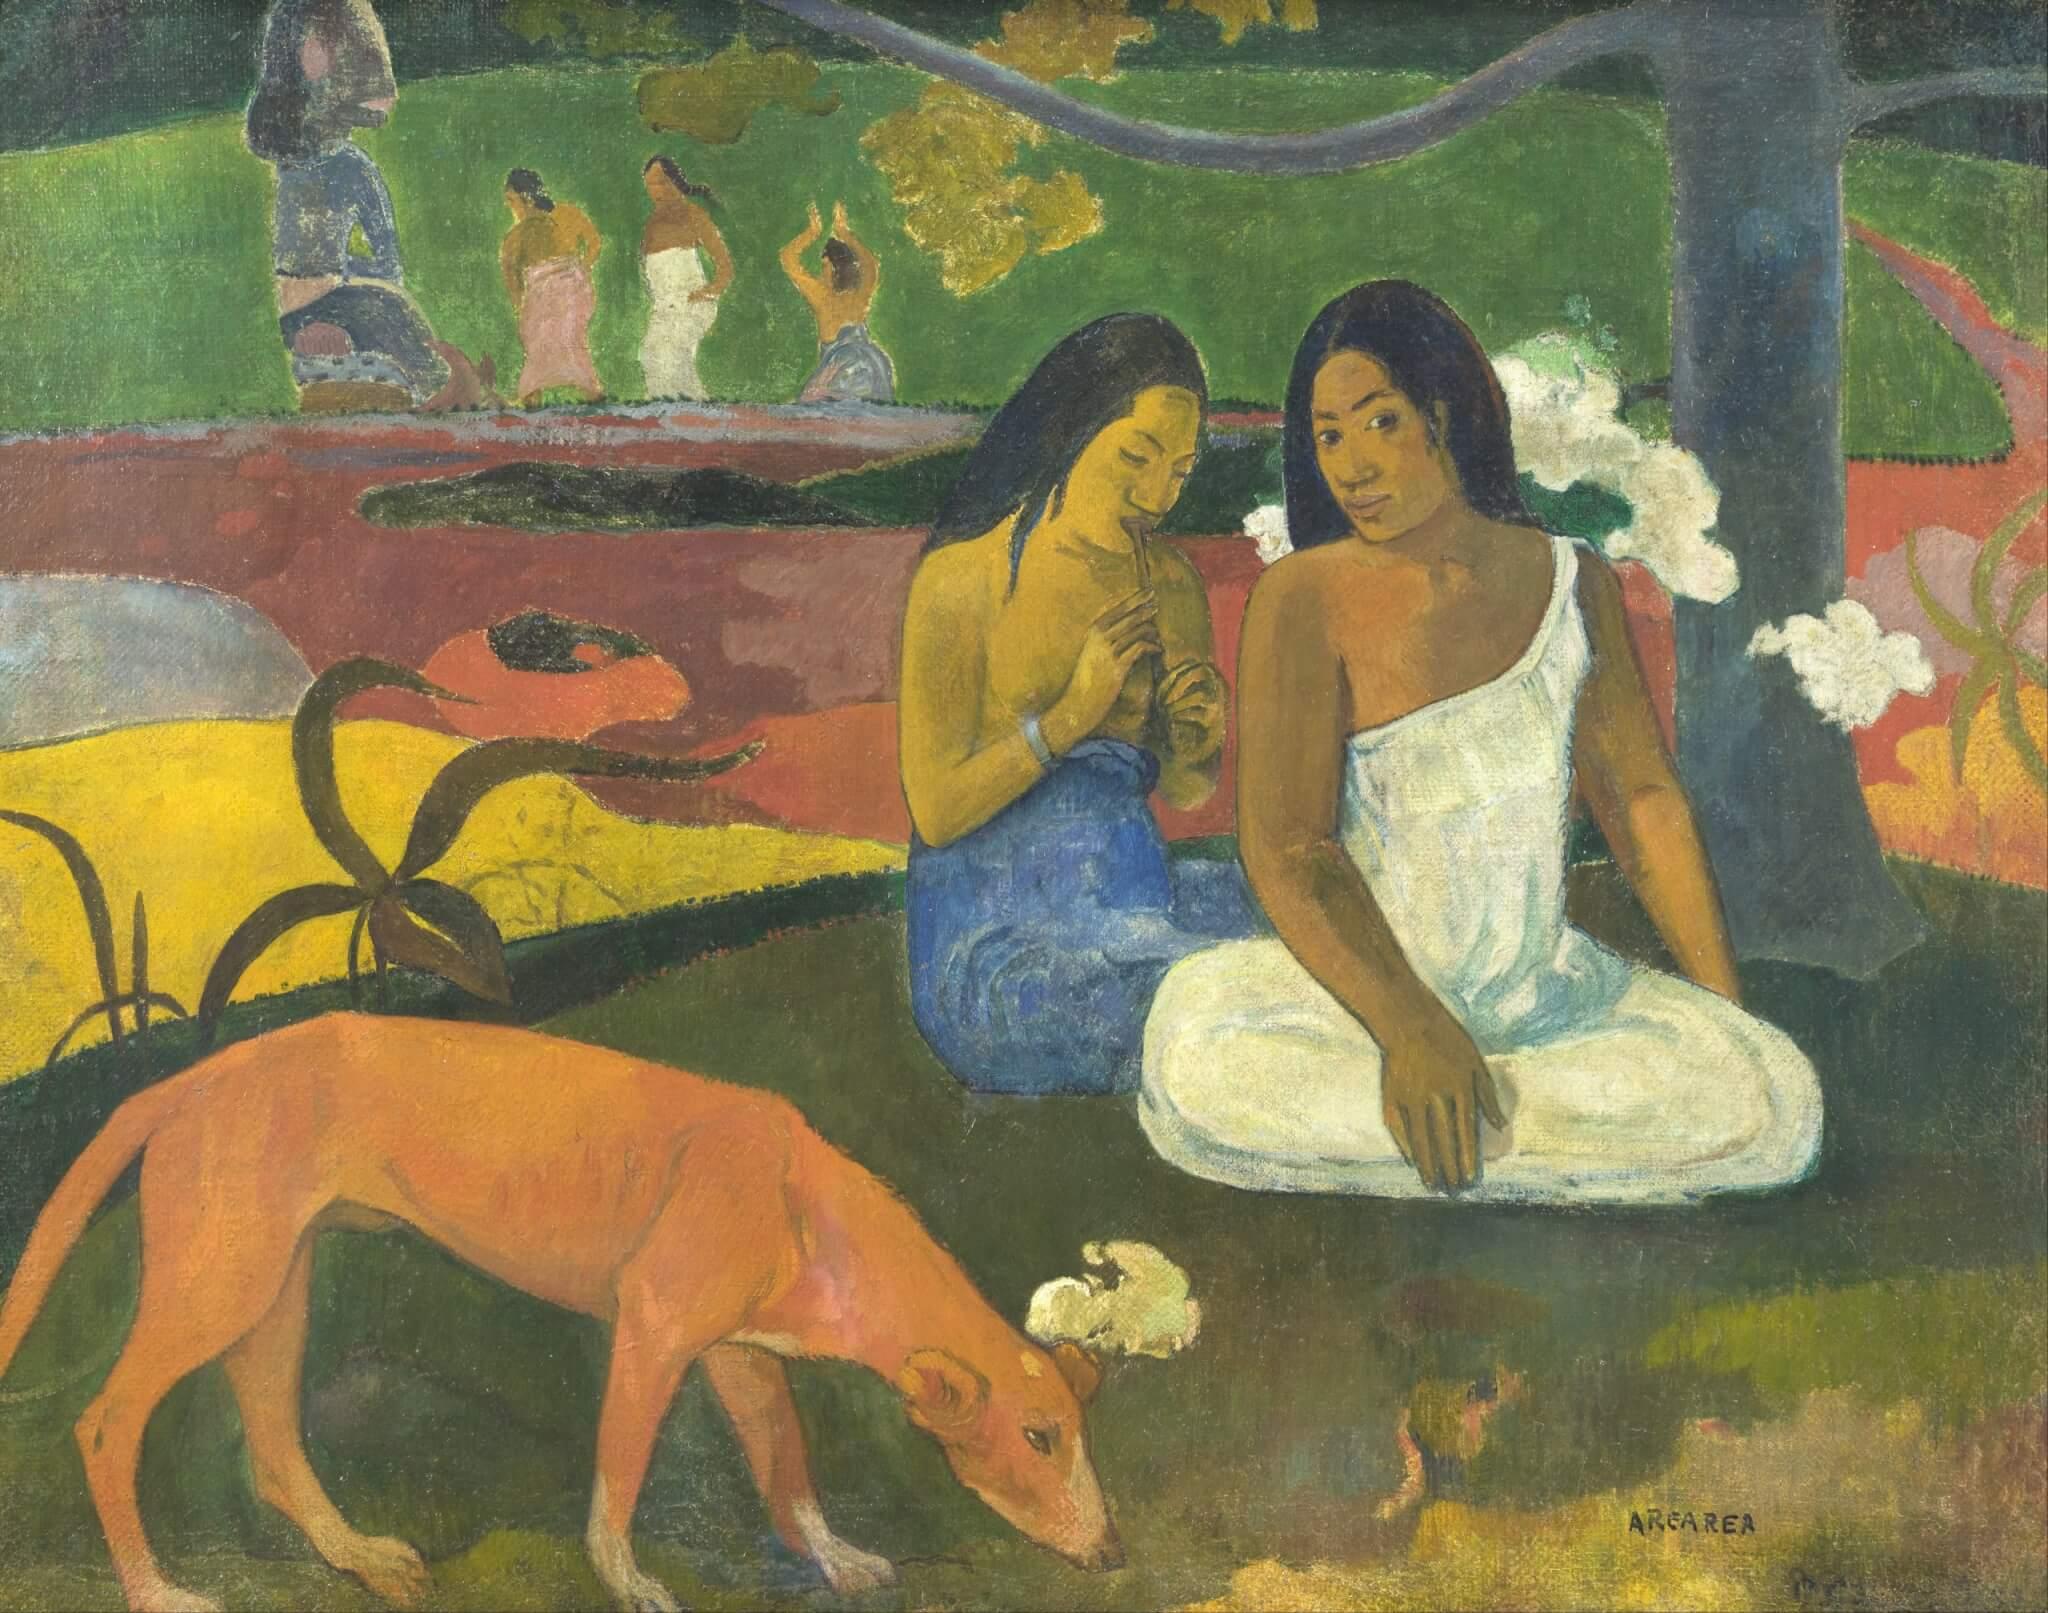 Arearea, 1892 - Paul Gauguin - Primitivismo